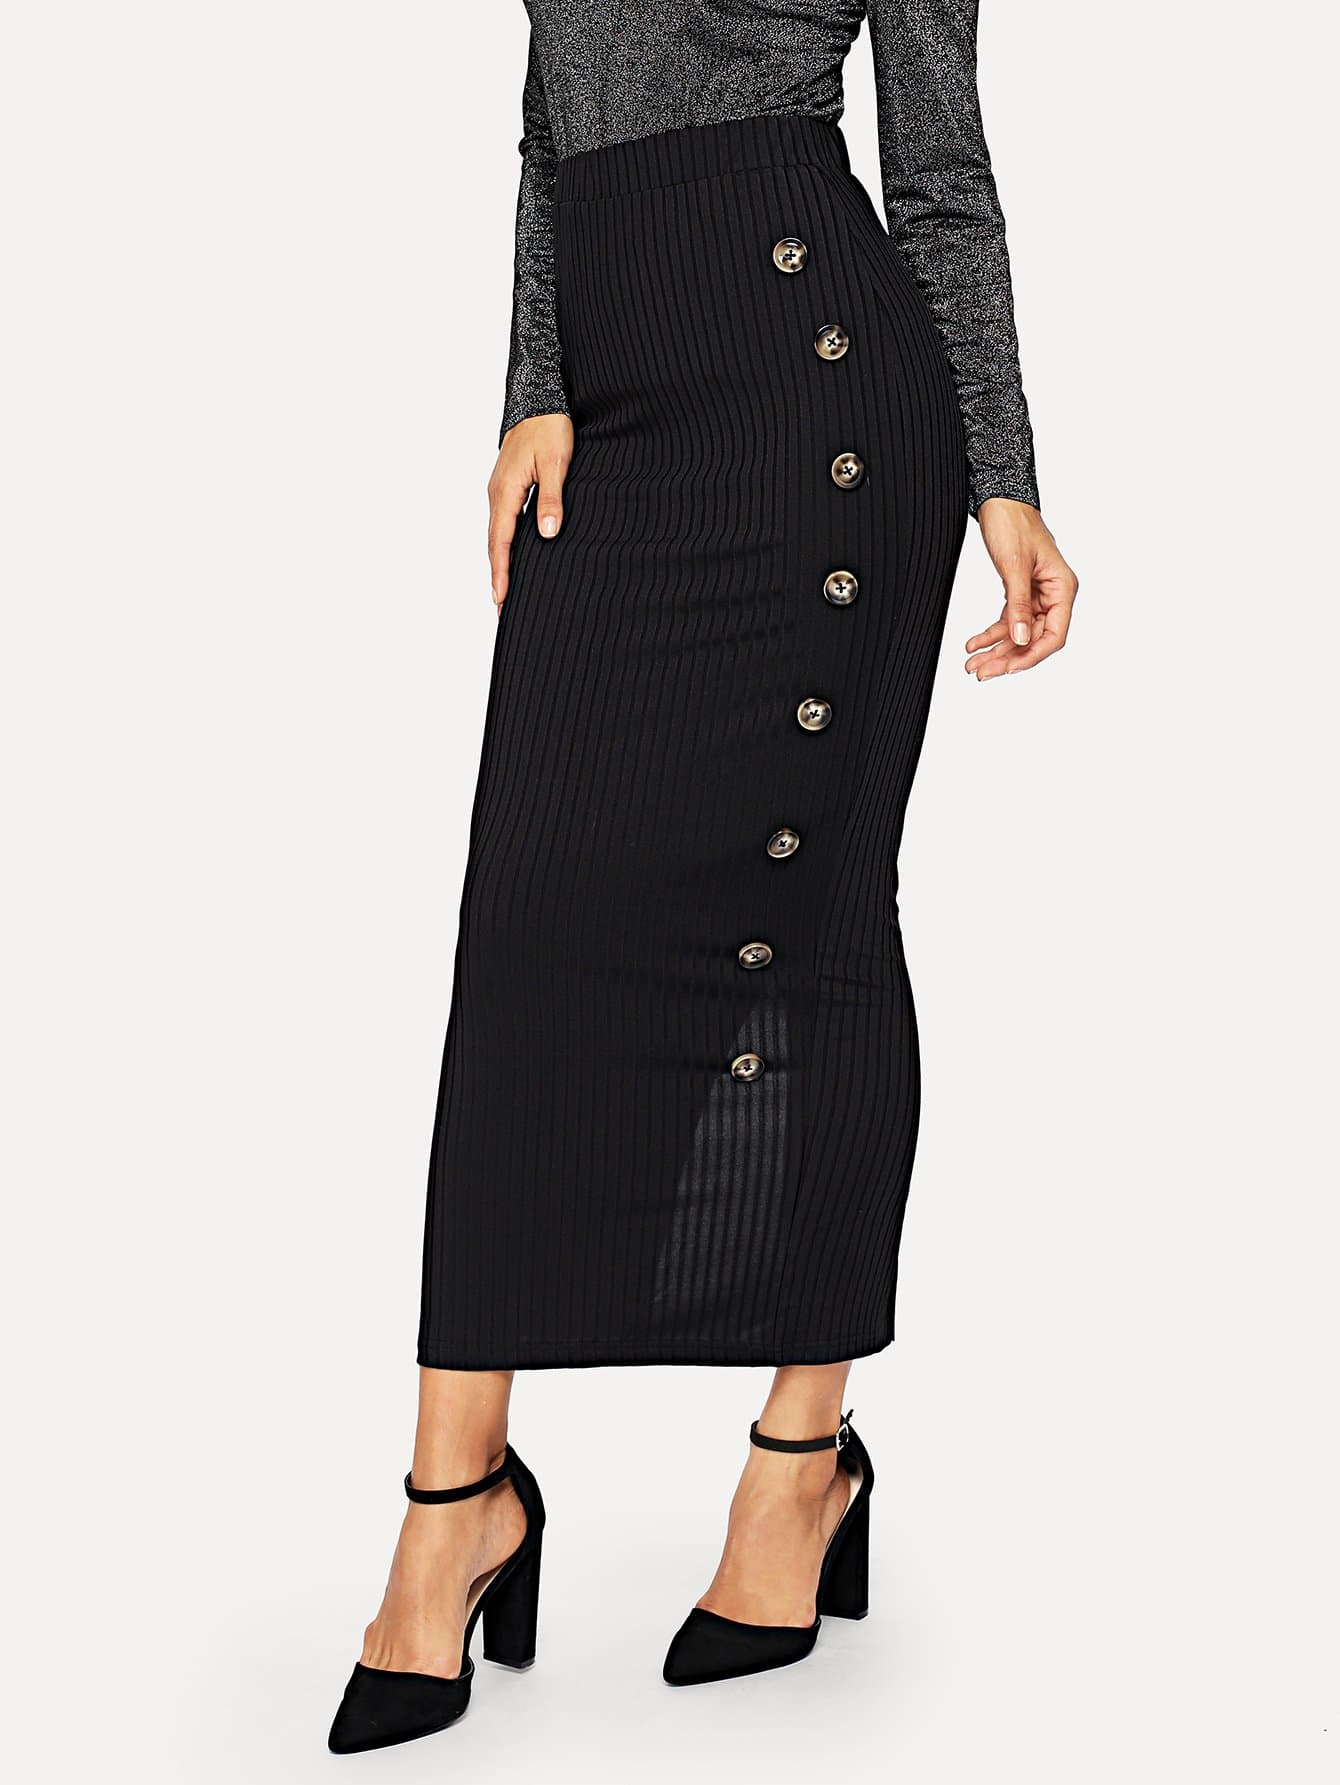 Купить Вязаная юбка с пуговицами с высокой талией, Juliana, SheIn